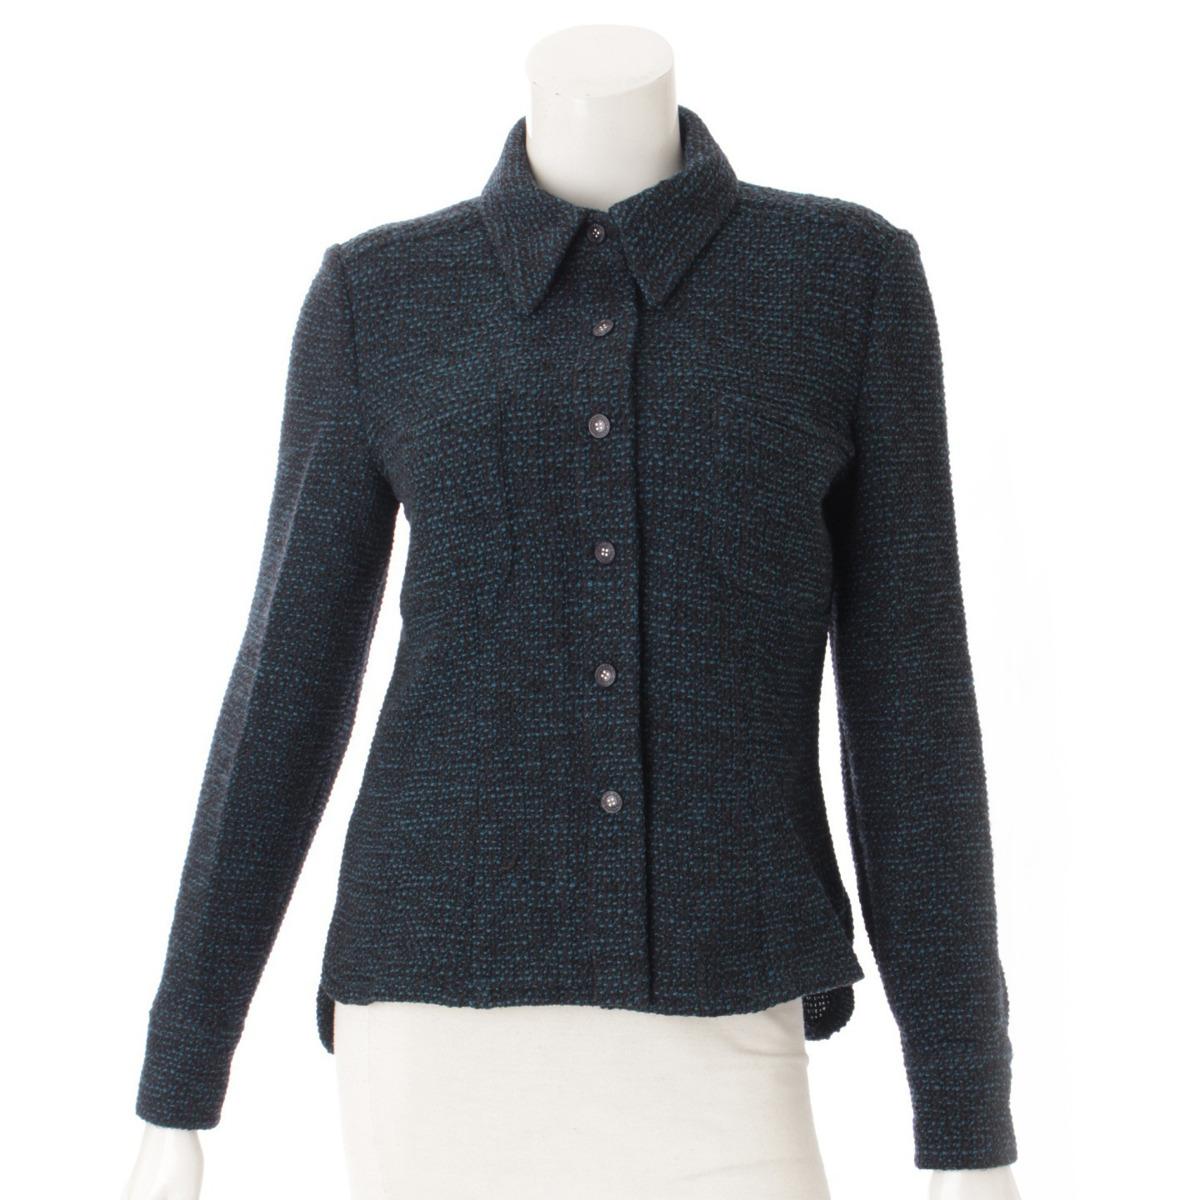 【シャネル】Chanel ツイード シャツ ジャケット P19970 ブルー×ブラック 38 【中古】【鑑定済・正規品保証】53967